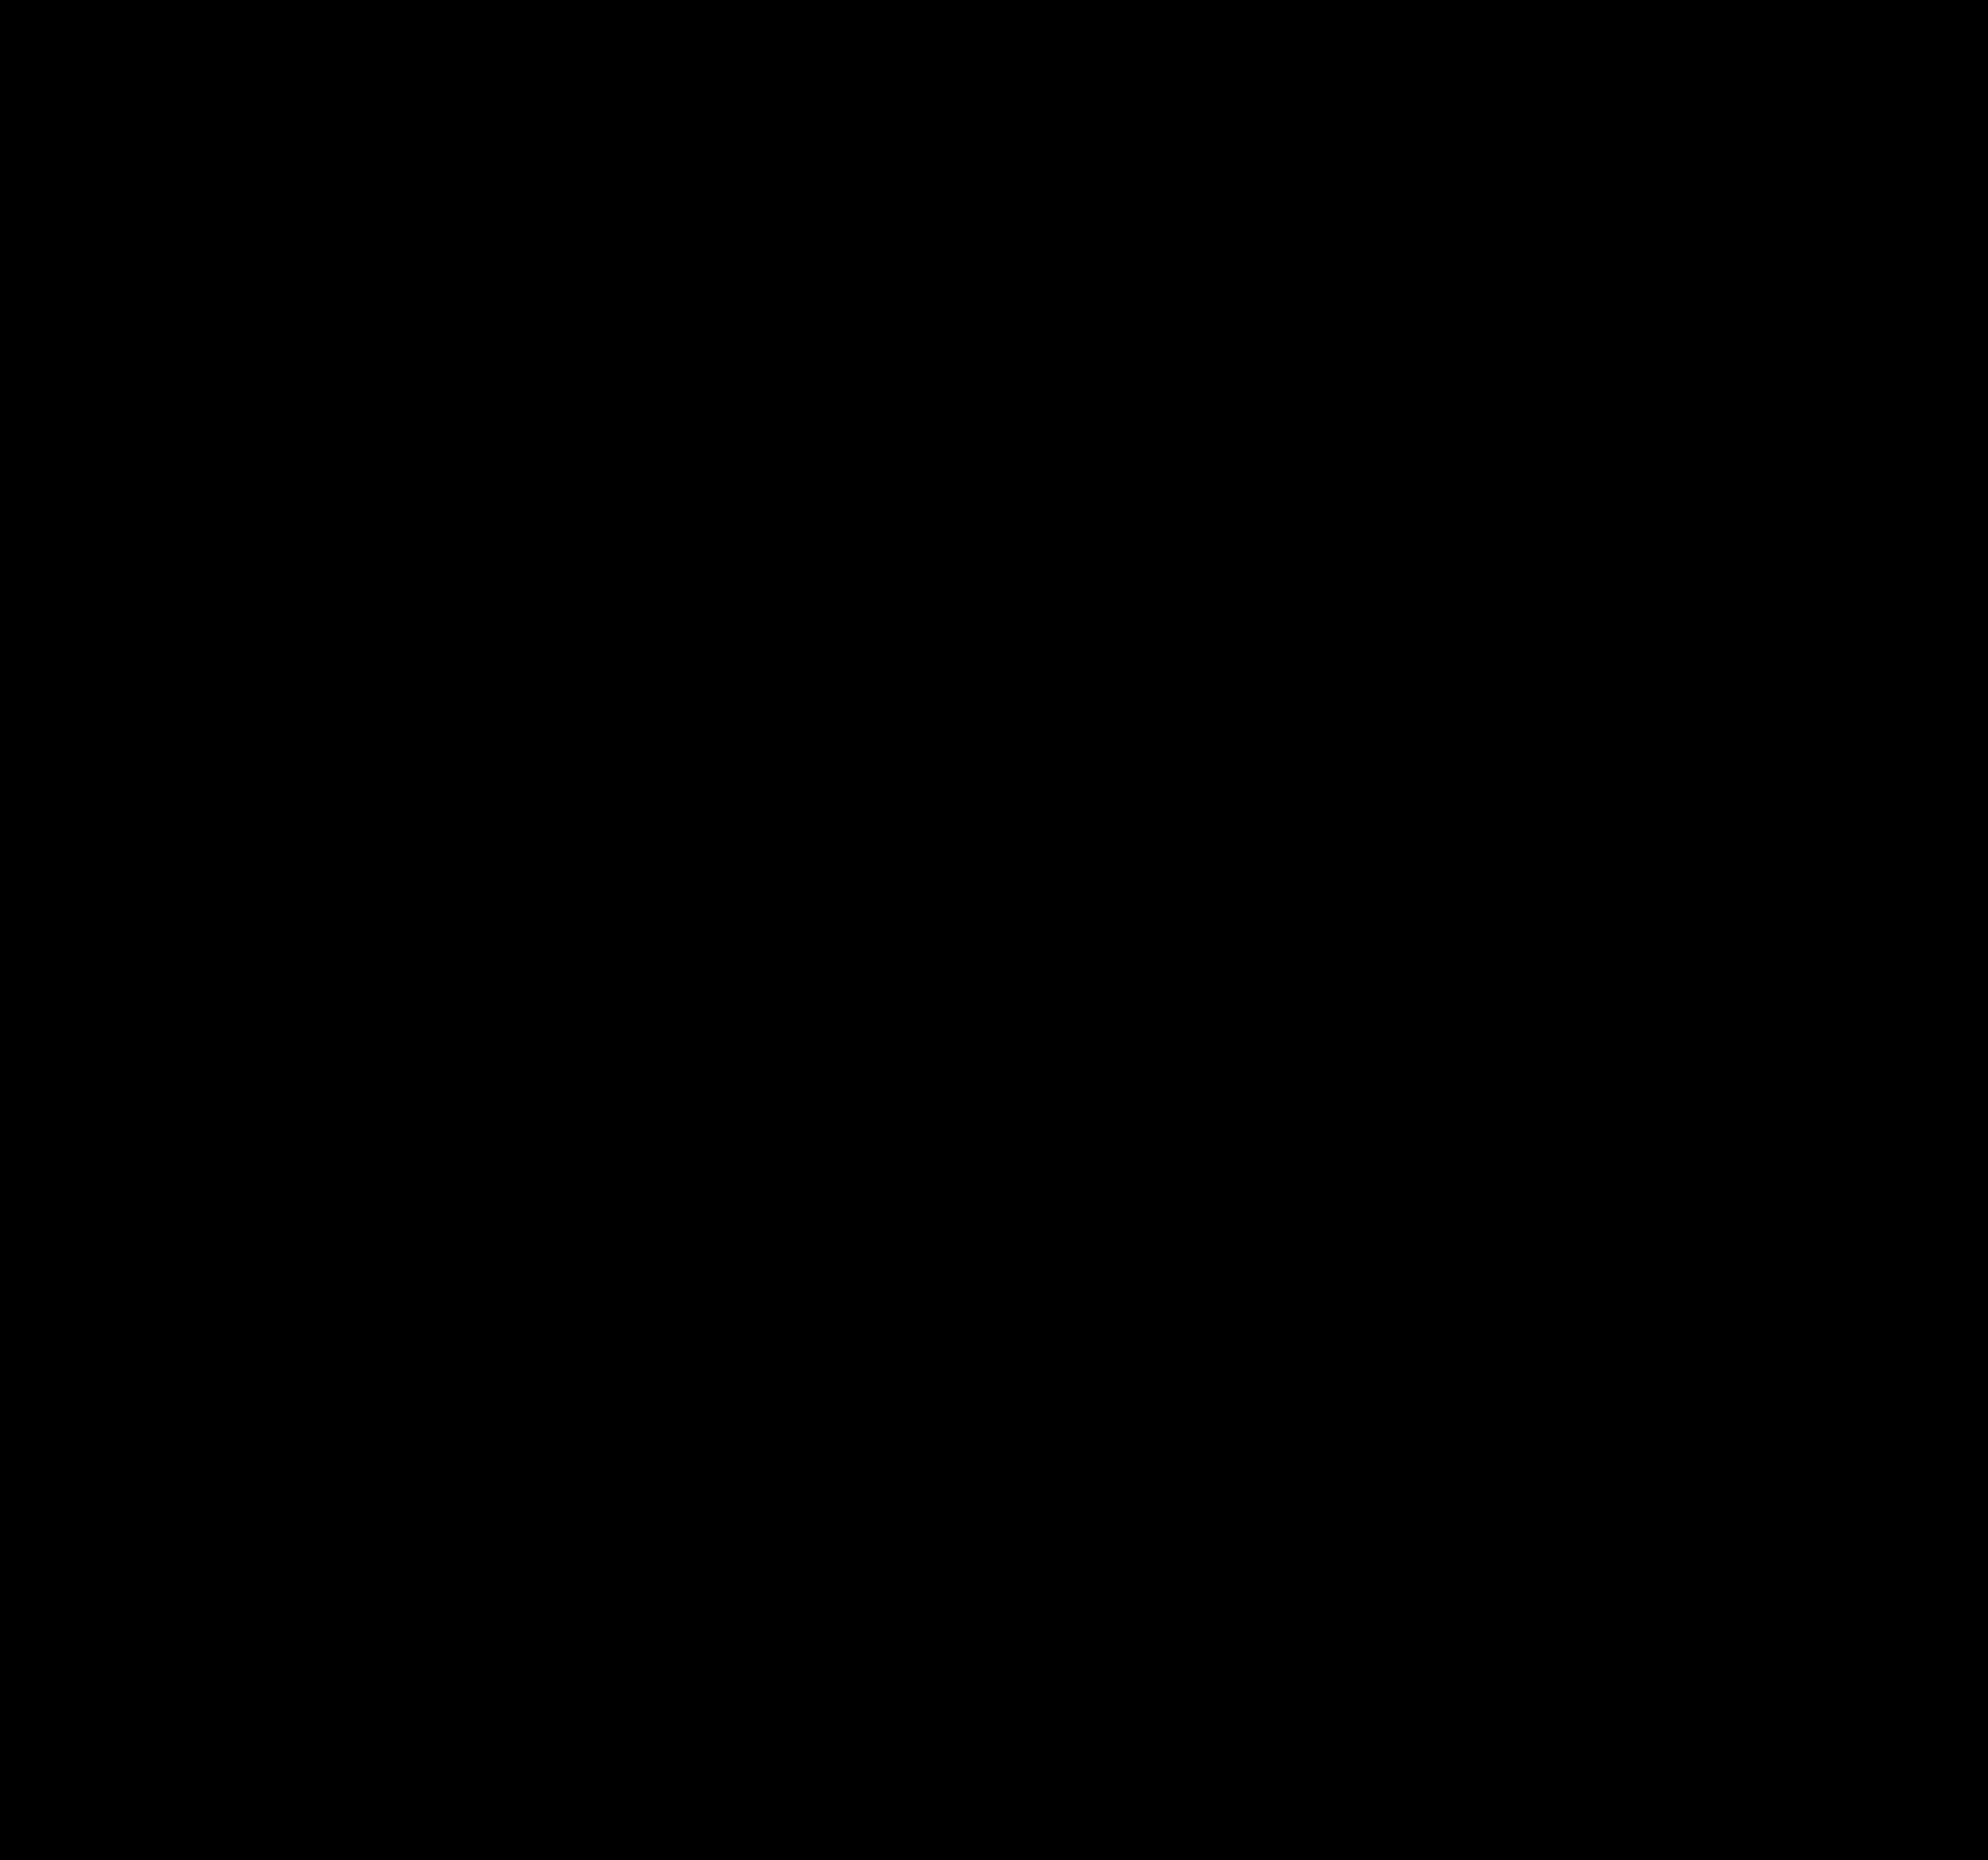 File:200px-Biohazard symbol svg.png